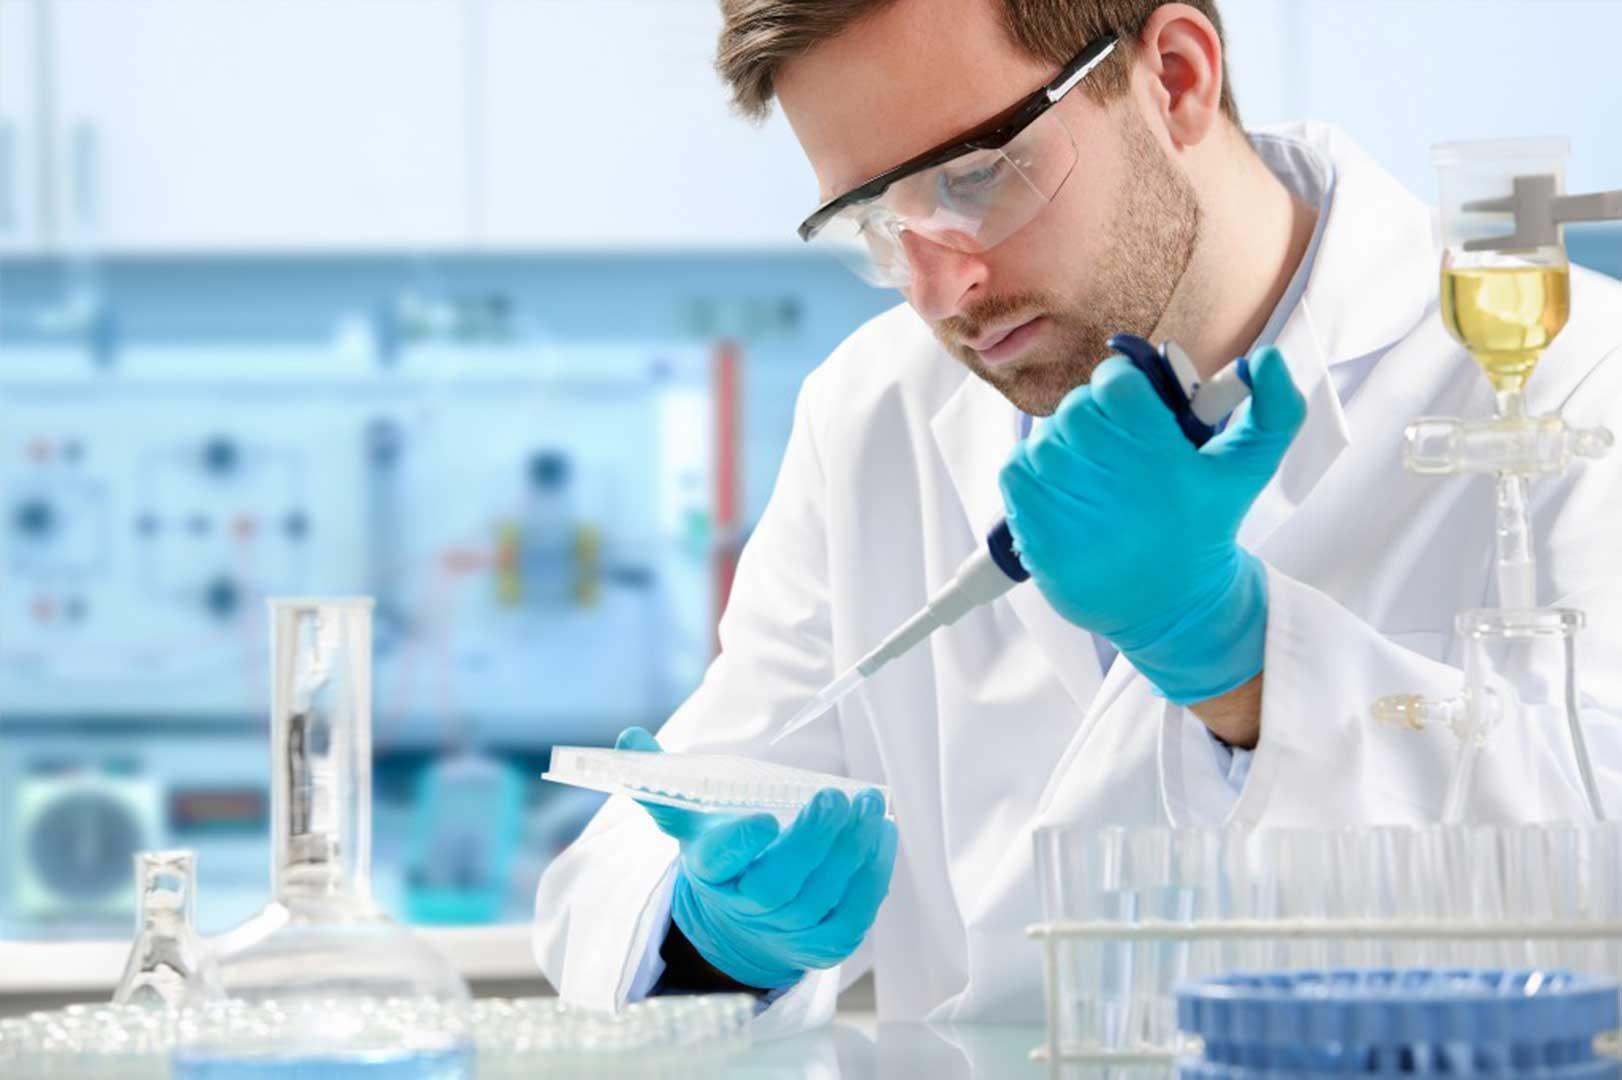 ژنتیک ژنتیک|رشته ژنتیک|بیوانفورماتیک|بیوکمپ|طراحی دارو|زیست شناسی back2